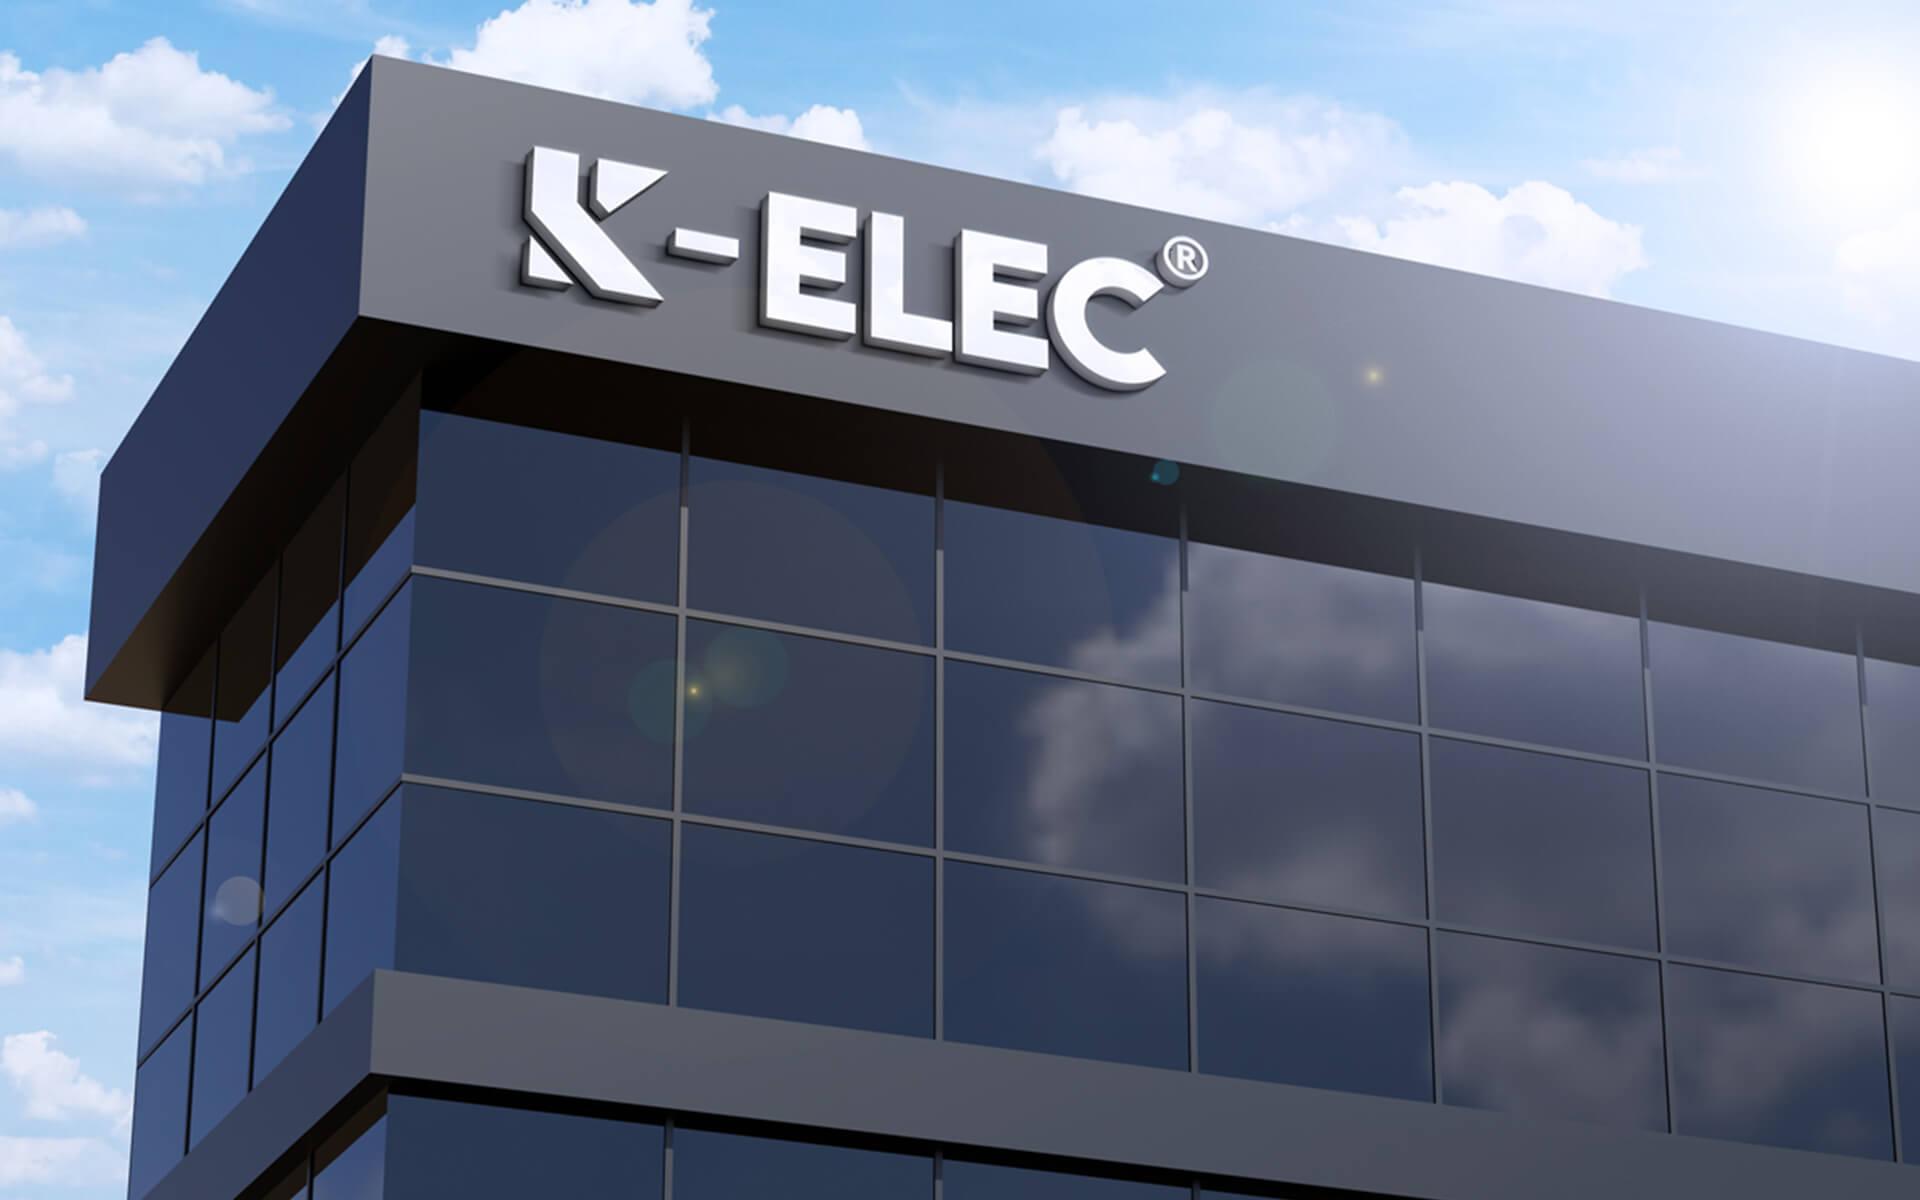 logo – K-Elec